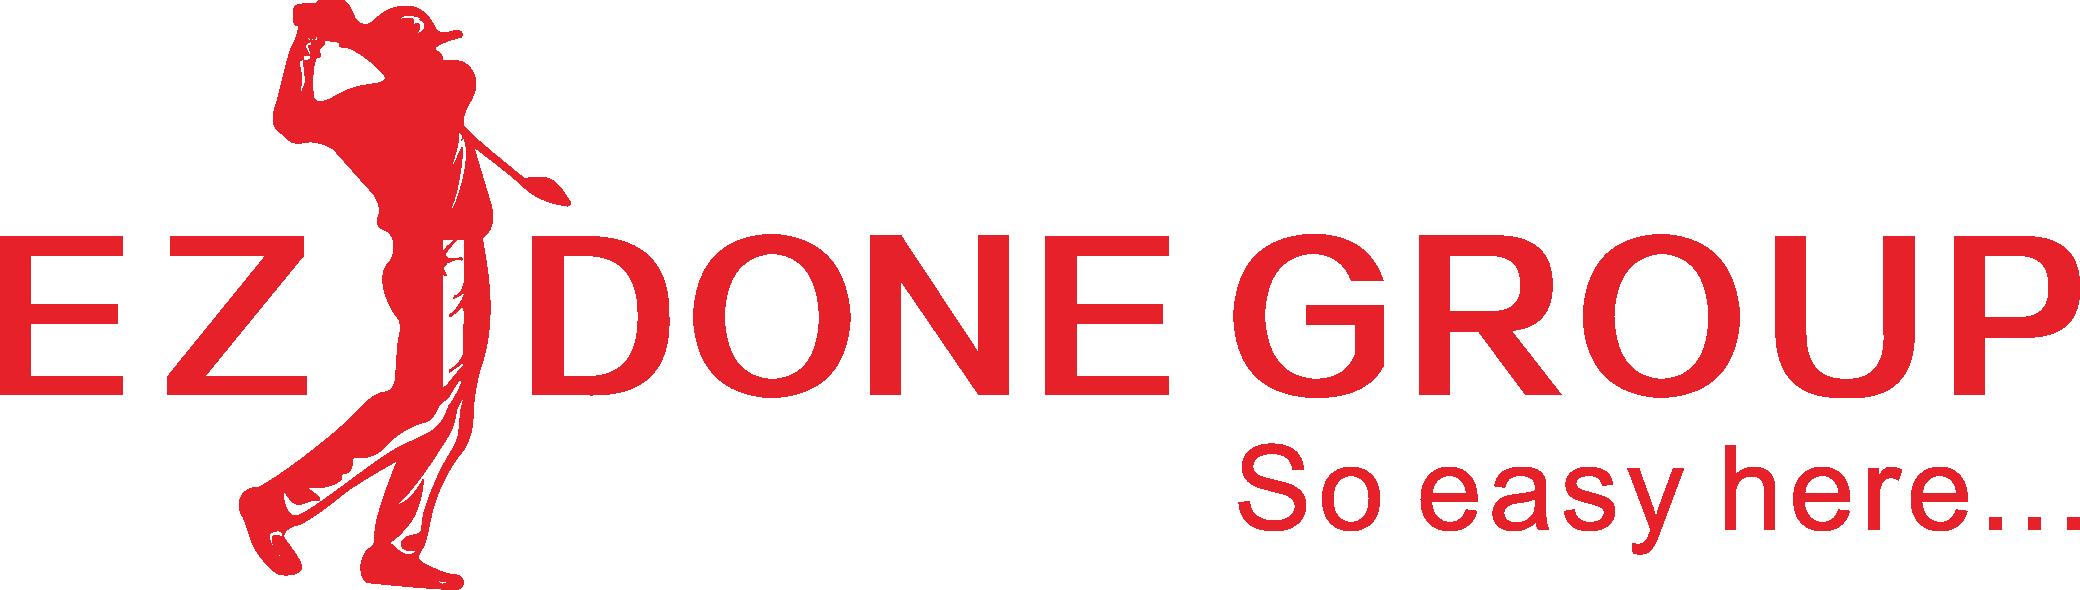 EZIDONE GROUP